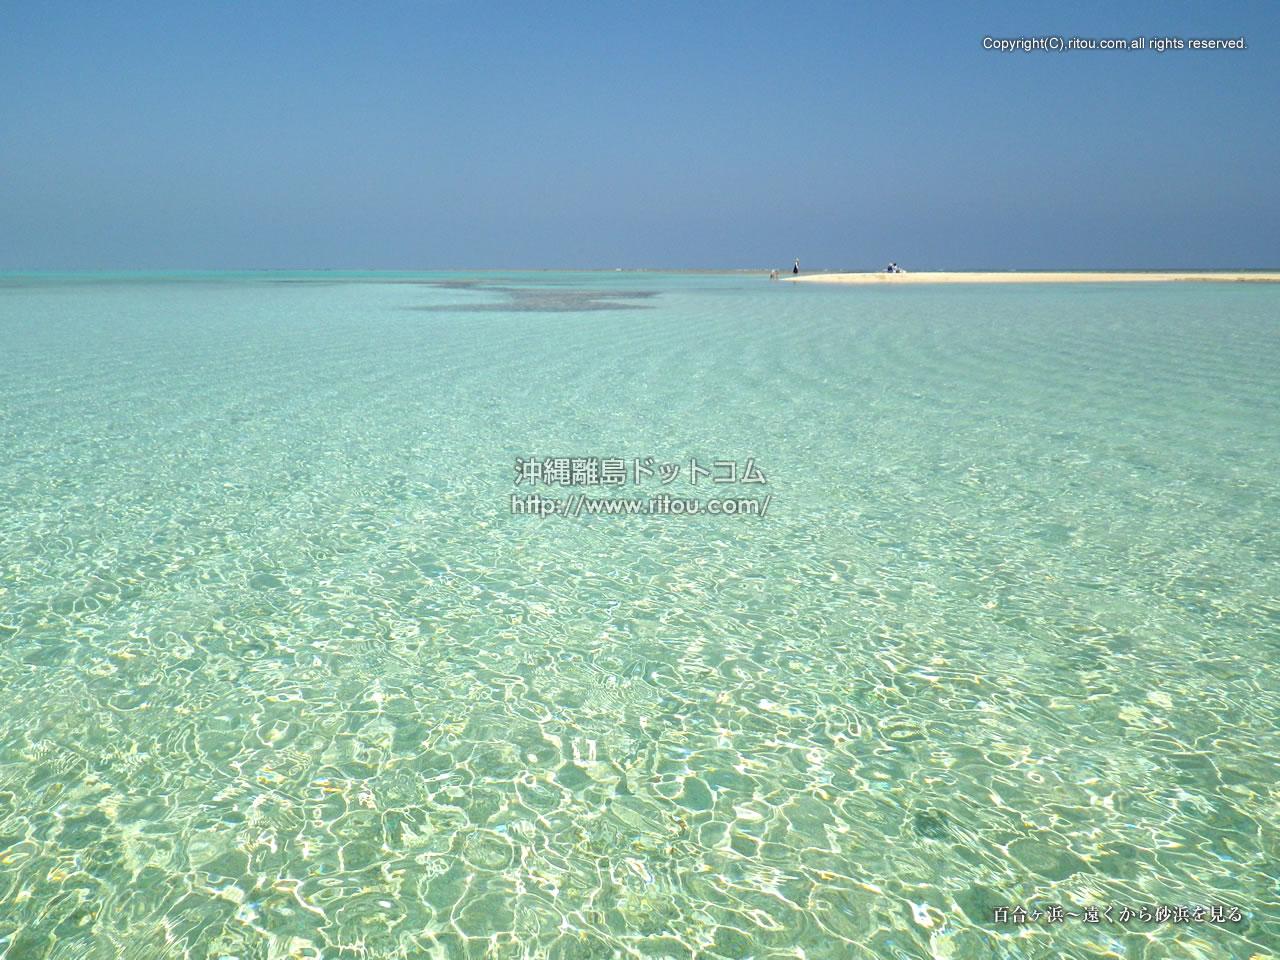 百合ヶ浜〜遠くから砂浜を見る